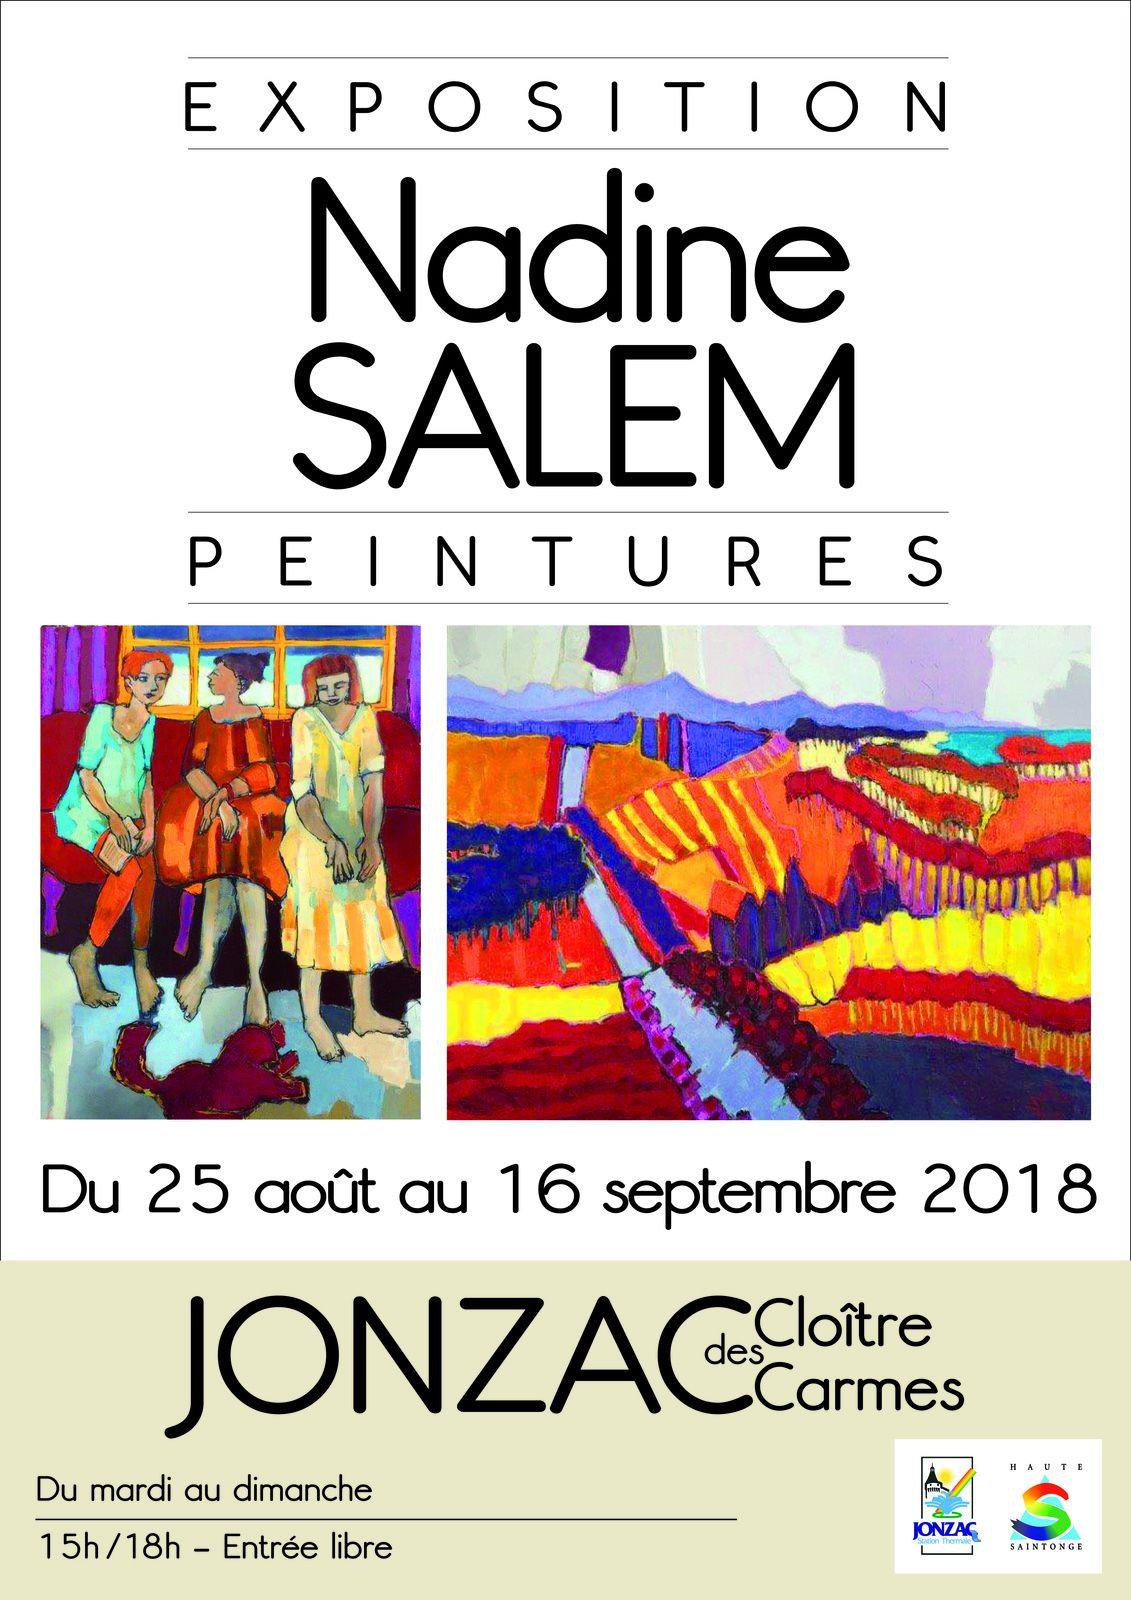 Du 25 août au 16 septembre 2018 au Cloître des Carmes de Jonzac.